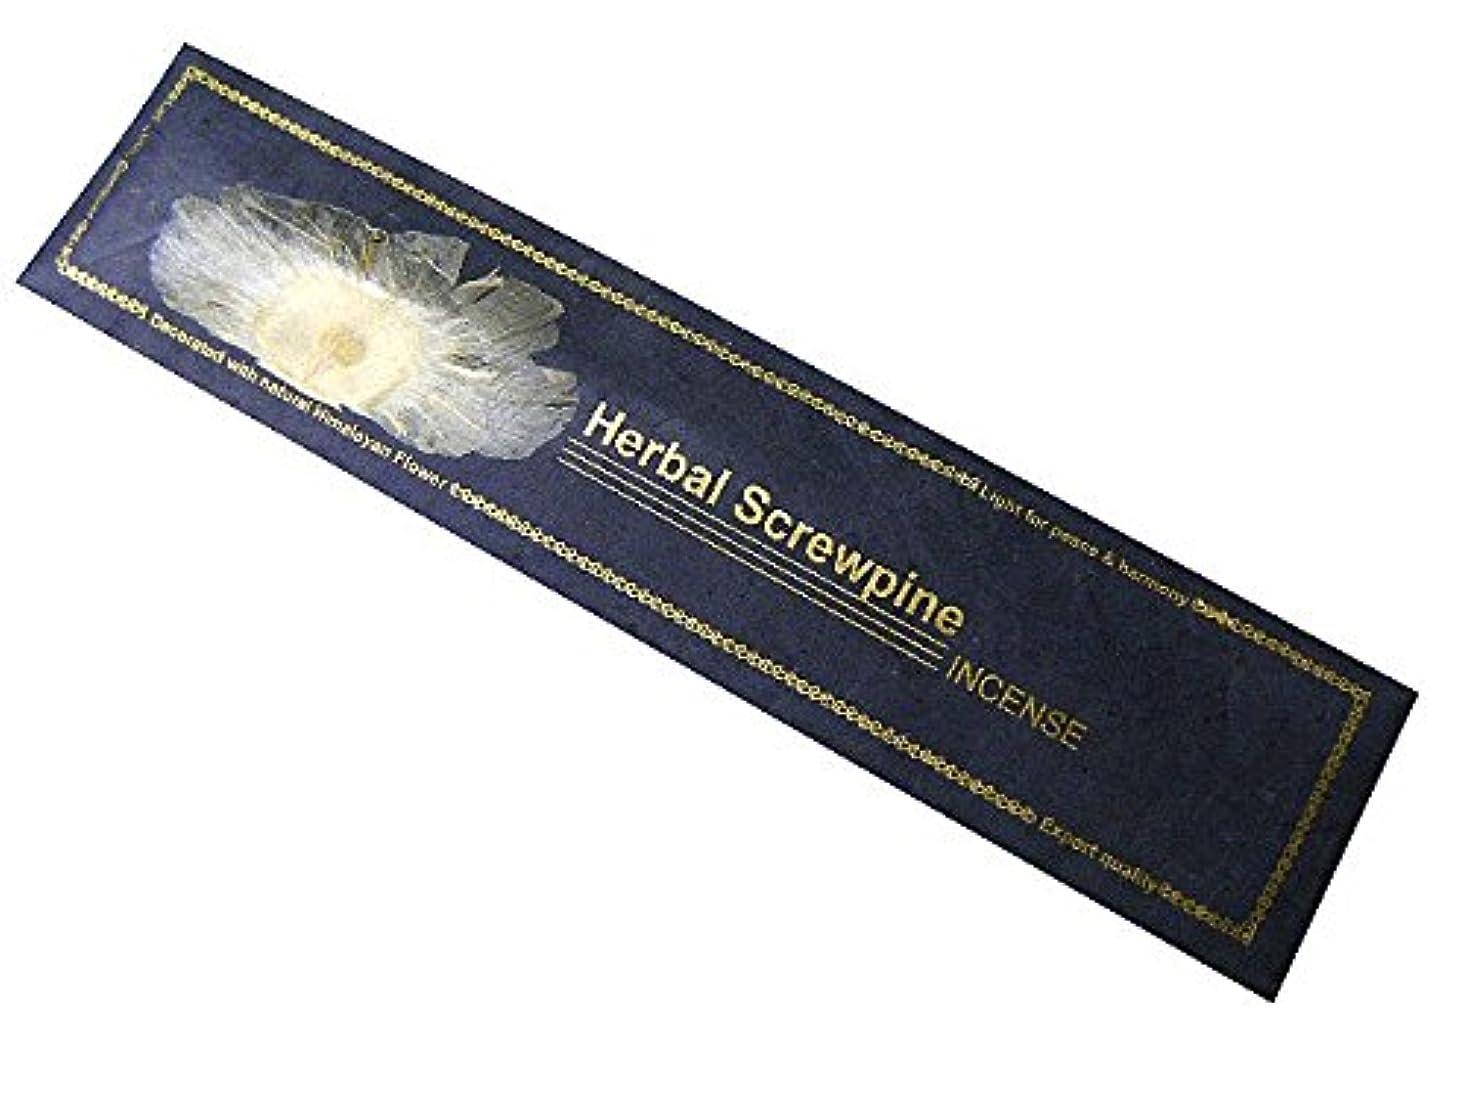 アルファベット順クレデンシャル同一性NEPAL INCENSE ネパールのロクタ紙にヒマラヤの押し花のお香【HerbalScrewpineハーバルスクリューパイン】 スティック